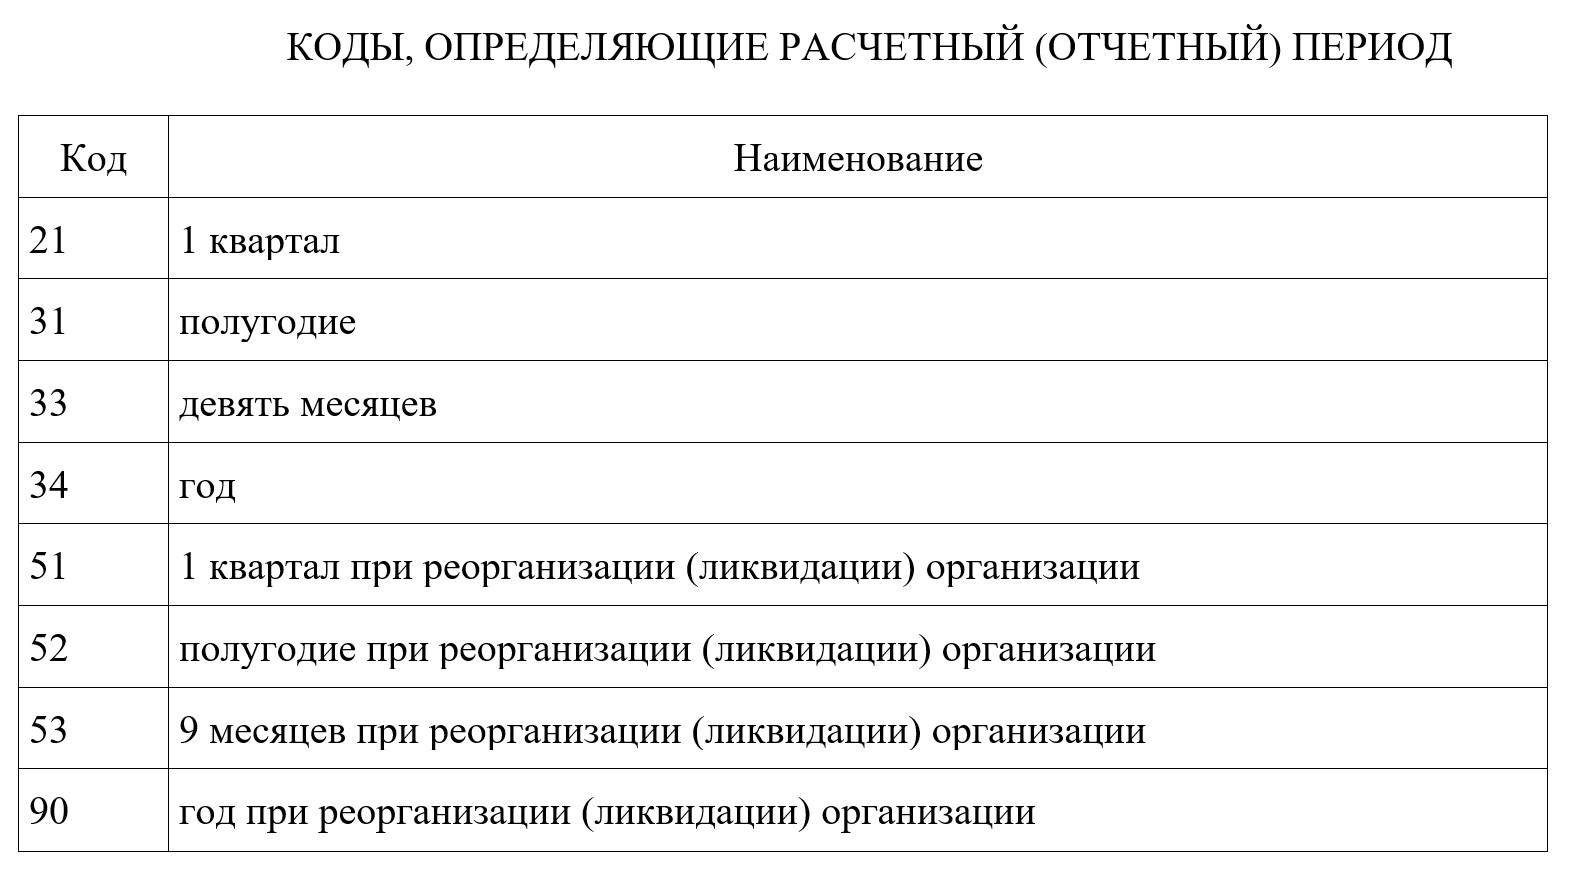 коды периодов РСВ